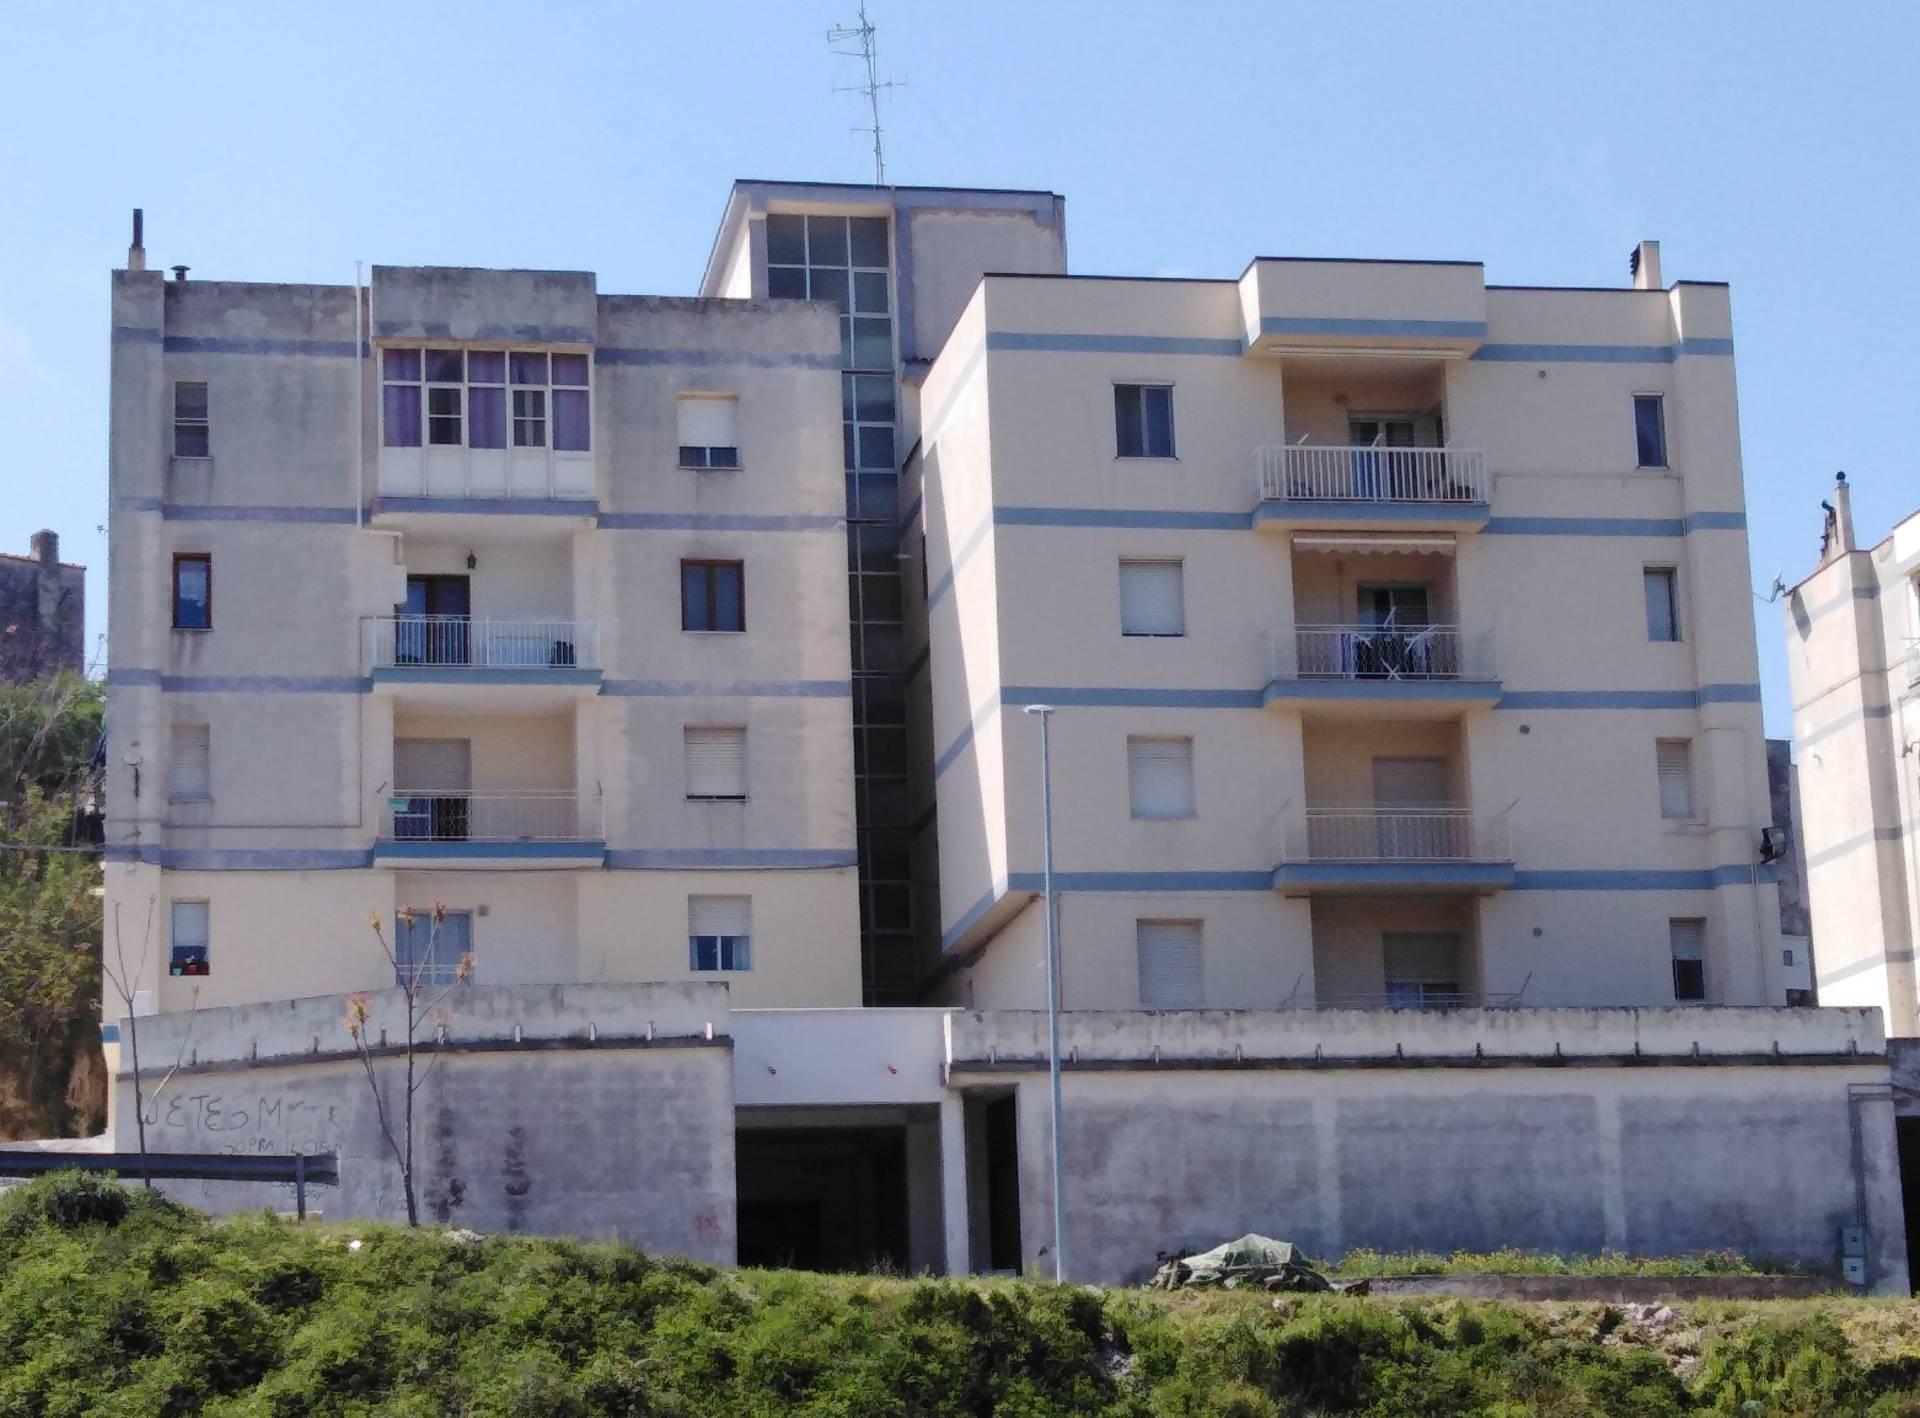 Appartamento in vendita a Vico del Gargano, 7 locali, zona Località: FilodellAsino, prezzo € 95.000 | PortaleAgenzieImmobiliari.it